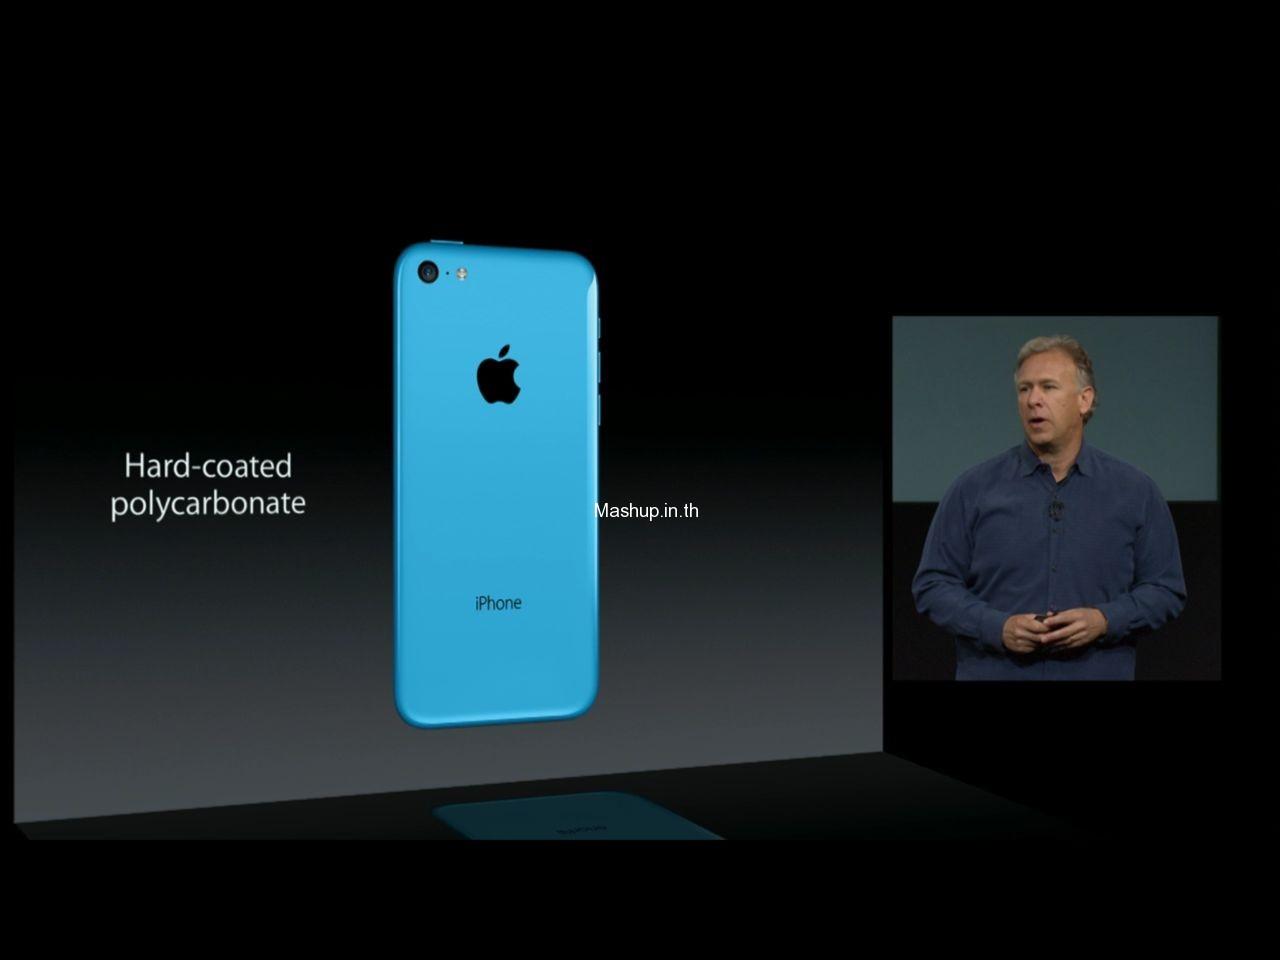 วัสดุของ iPhone 5C ทำจาก Hard Coated Polycarbornate